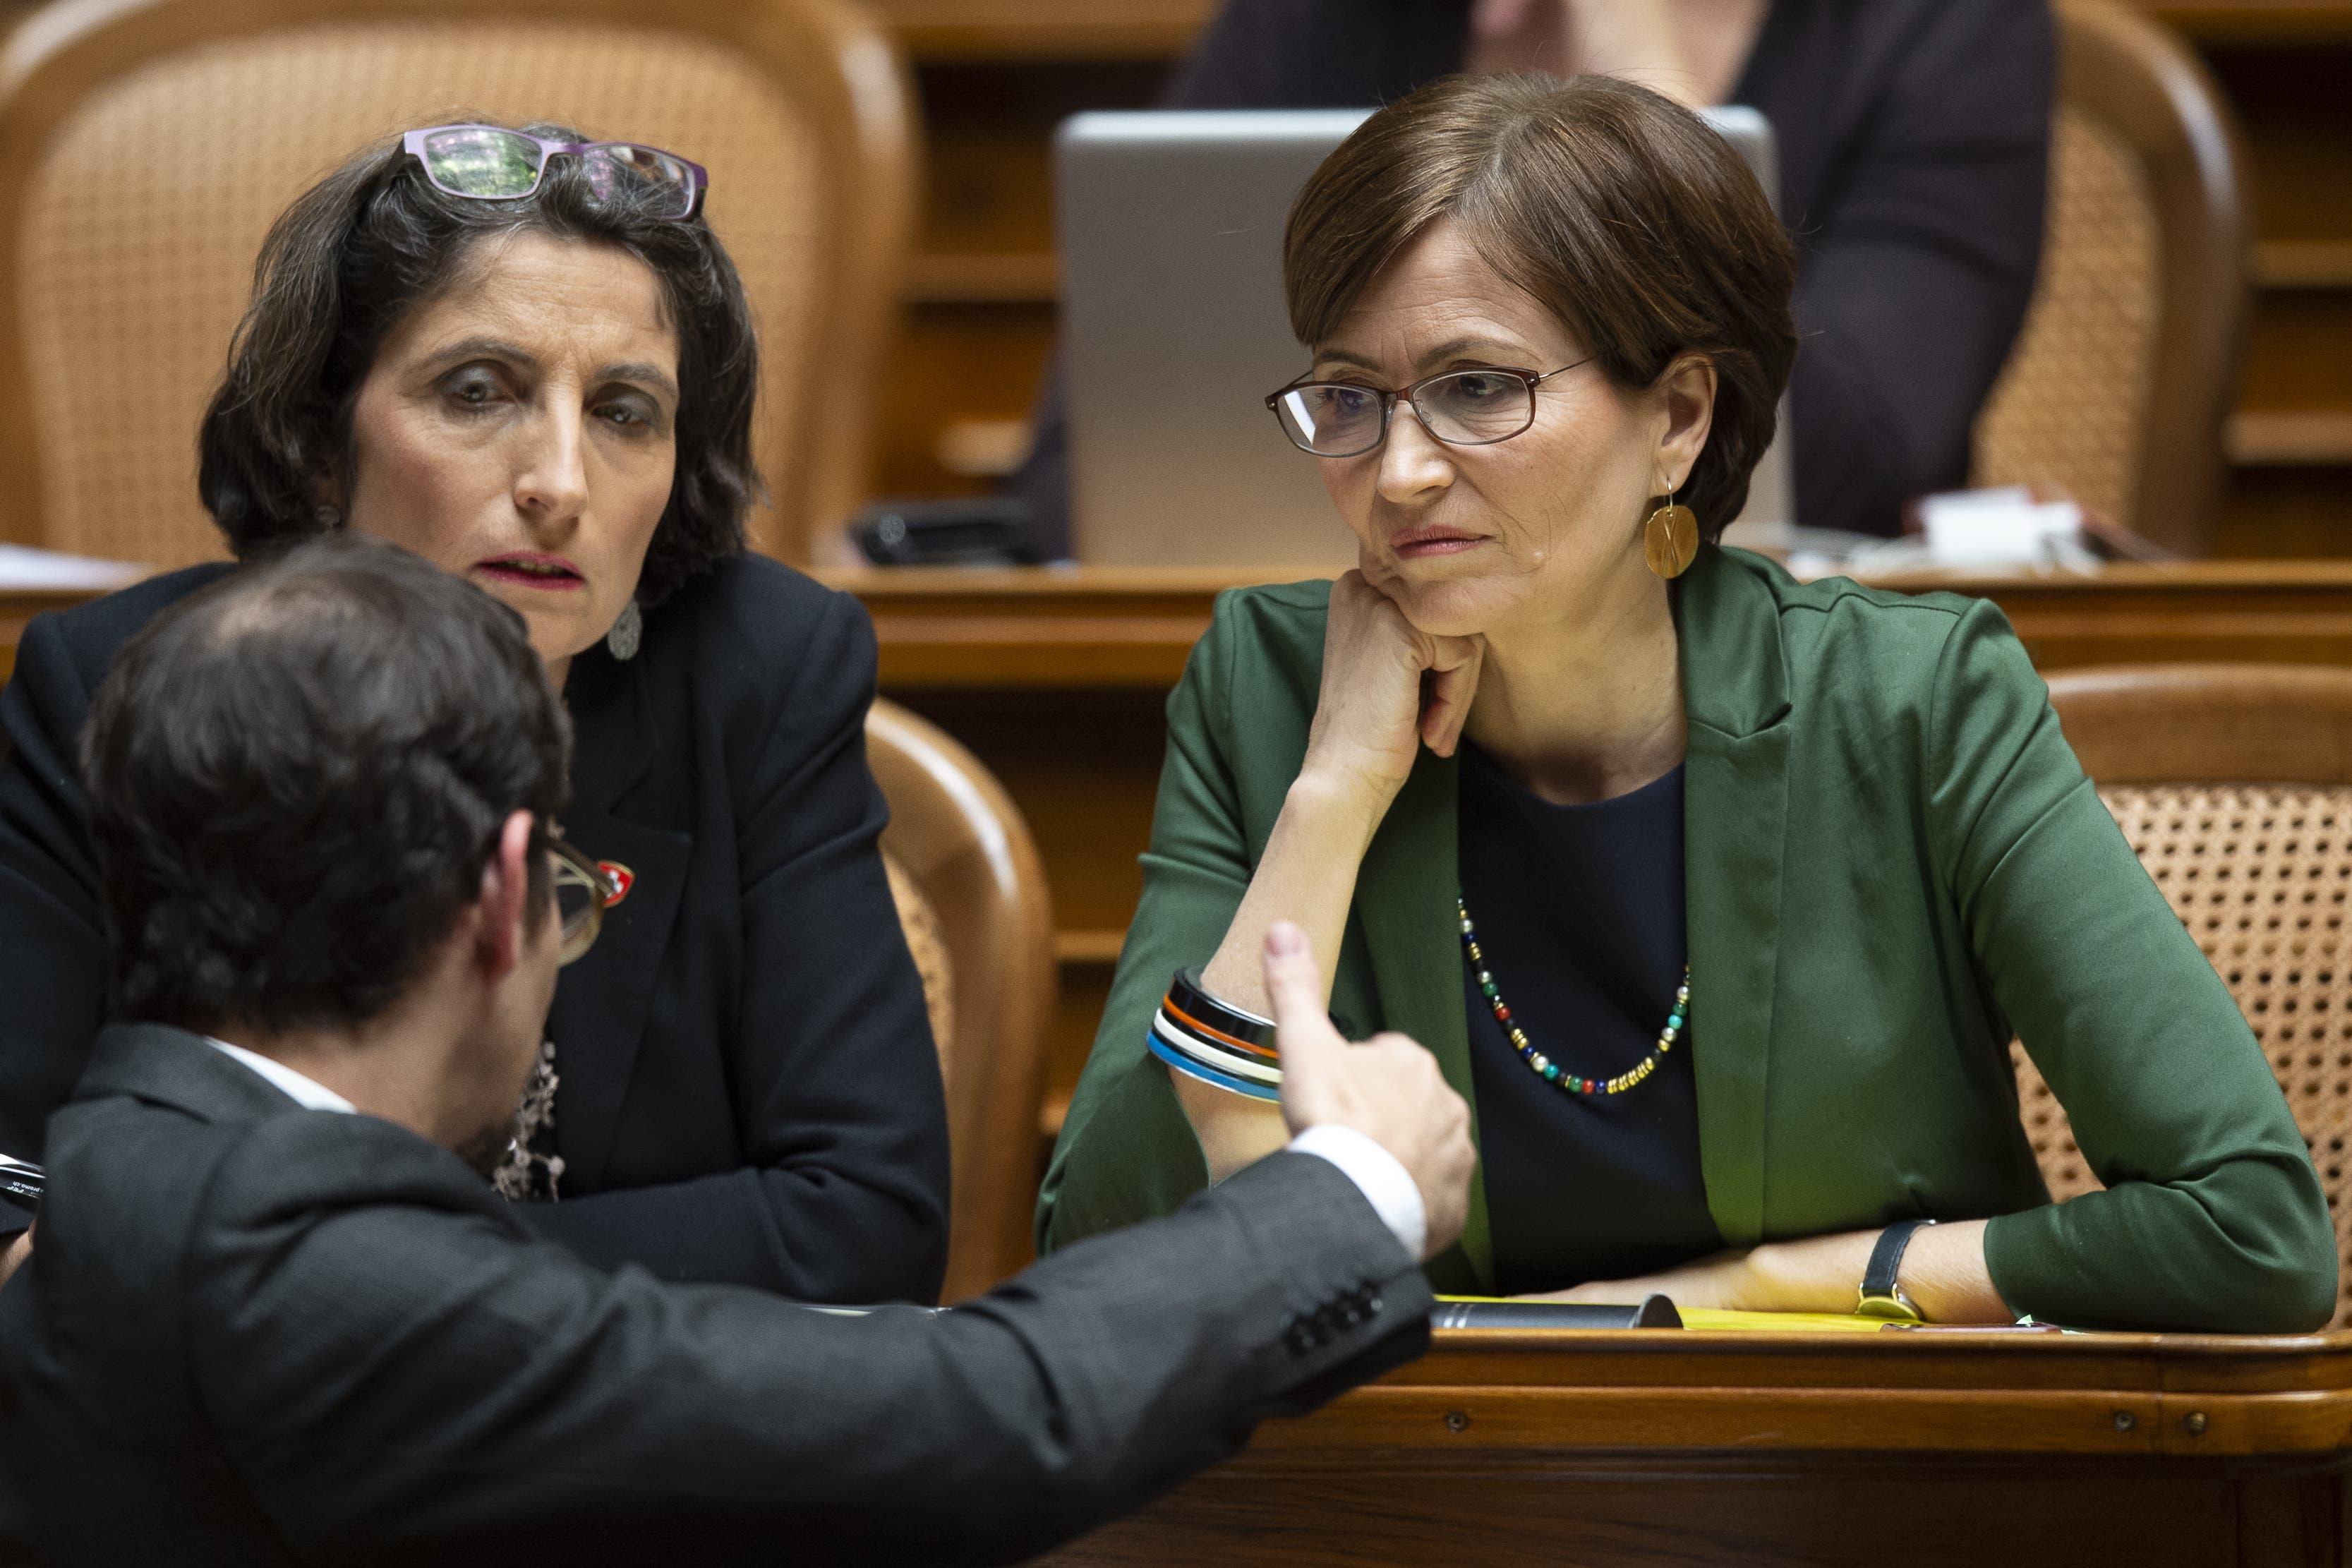 Die Zuger Nationalrätin Manuela Weichelt-Picard (links) sitzt im Nationalrat direkt neben Grünen-Bundesratskandidatin Regula Rytz.